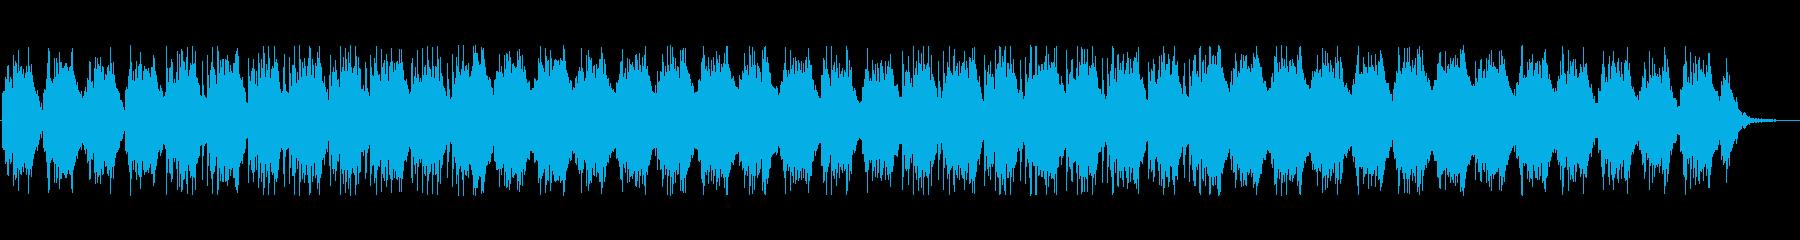 不気味な雰囲気のアンビエントの再生済みの波形